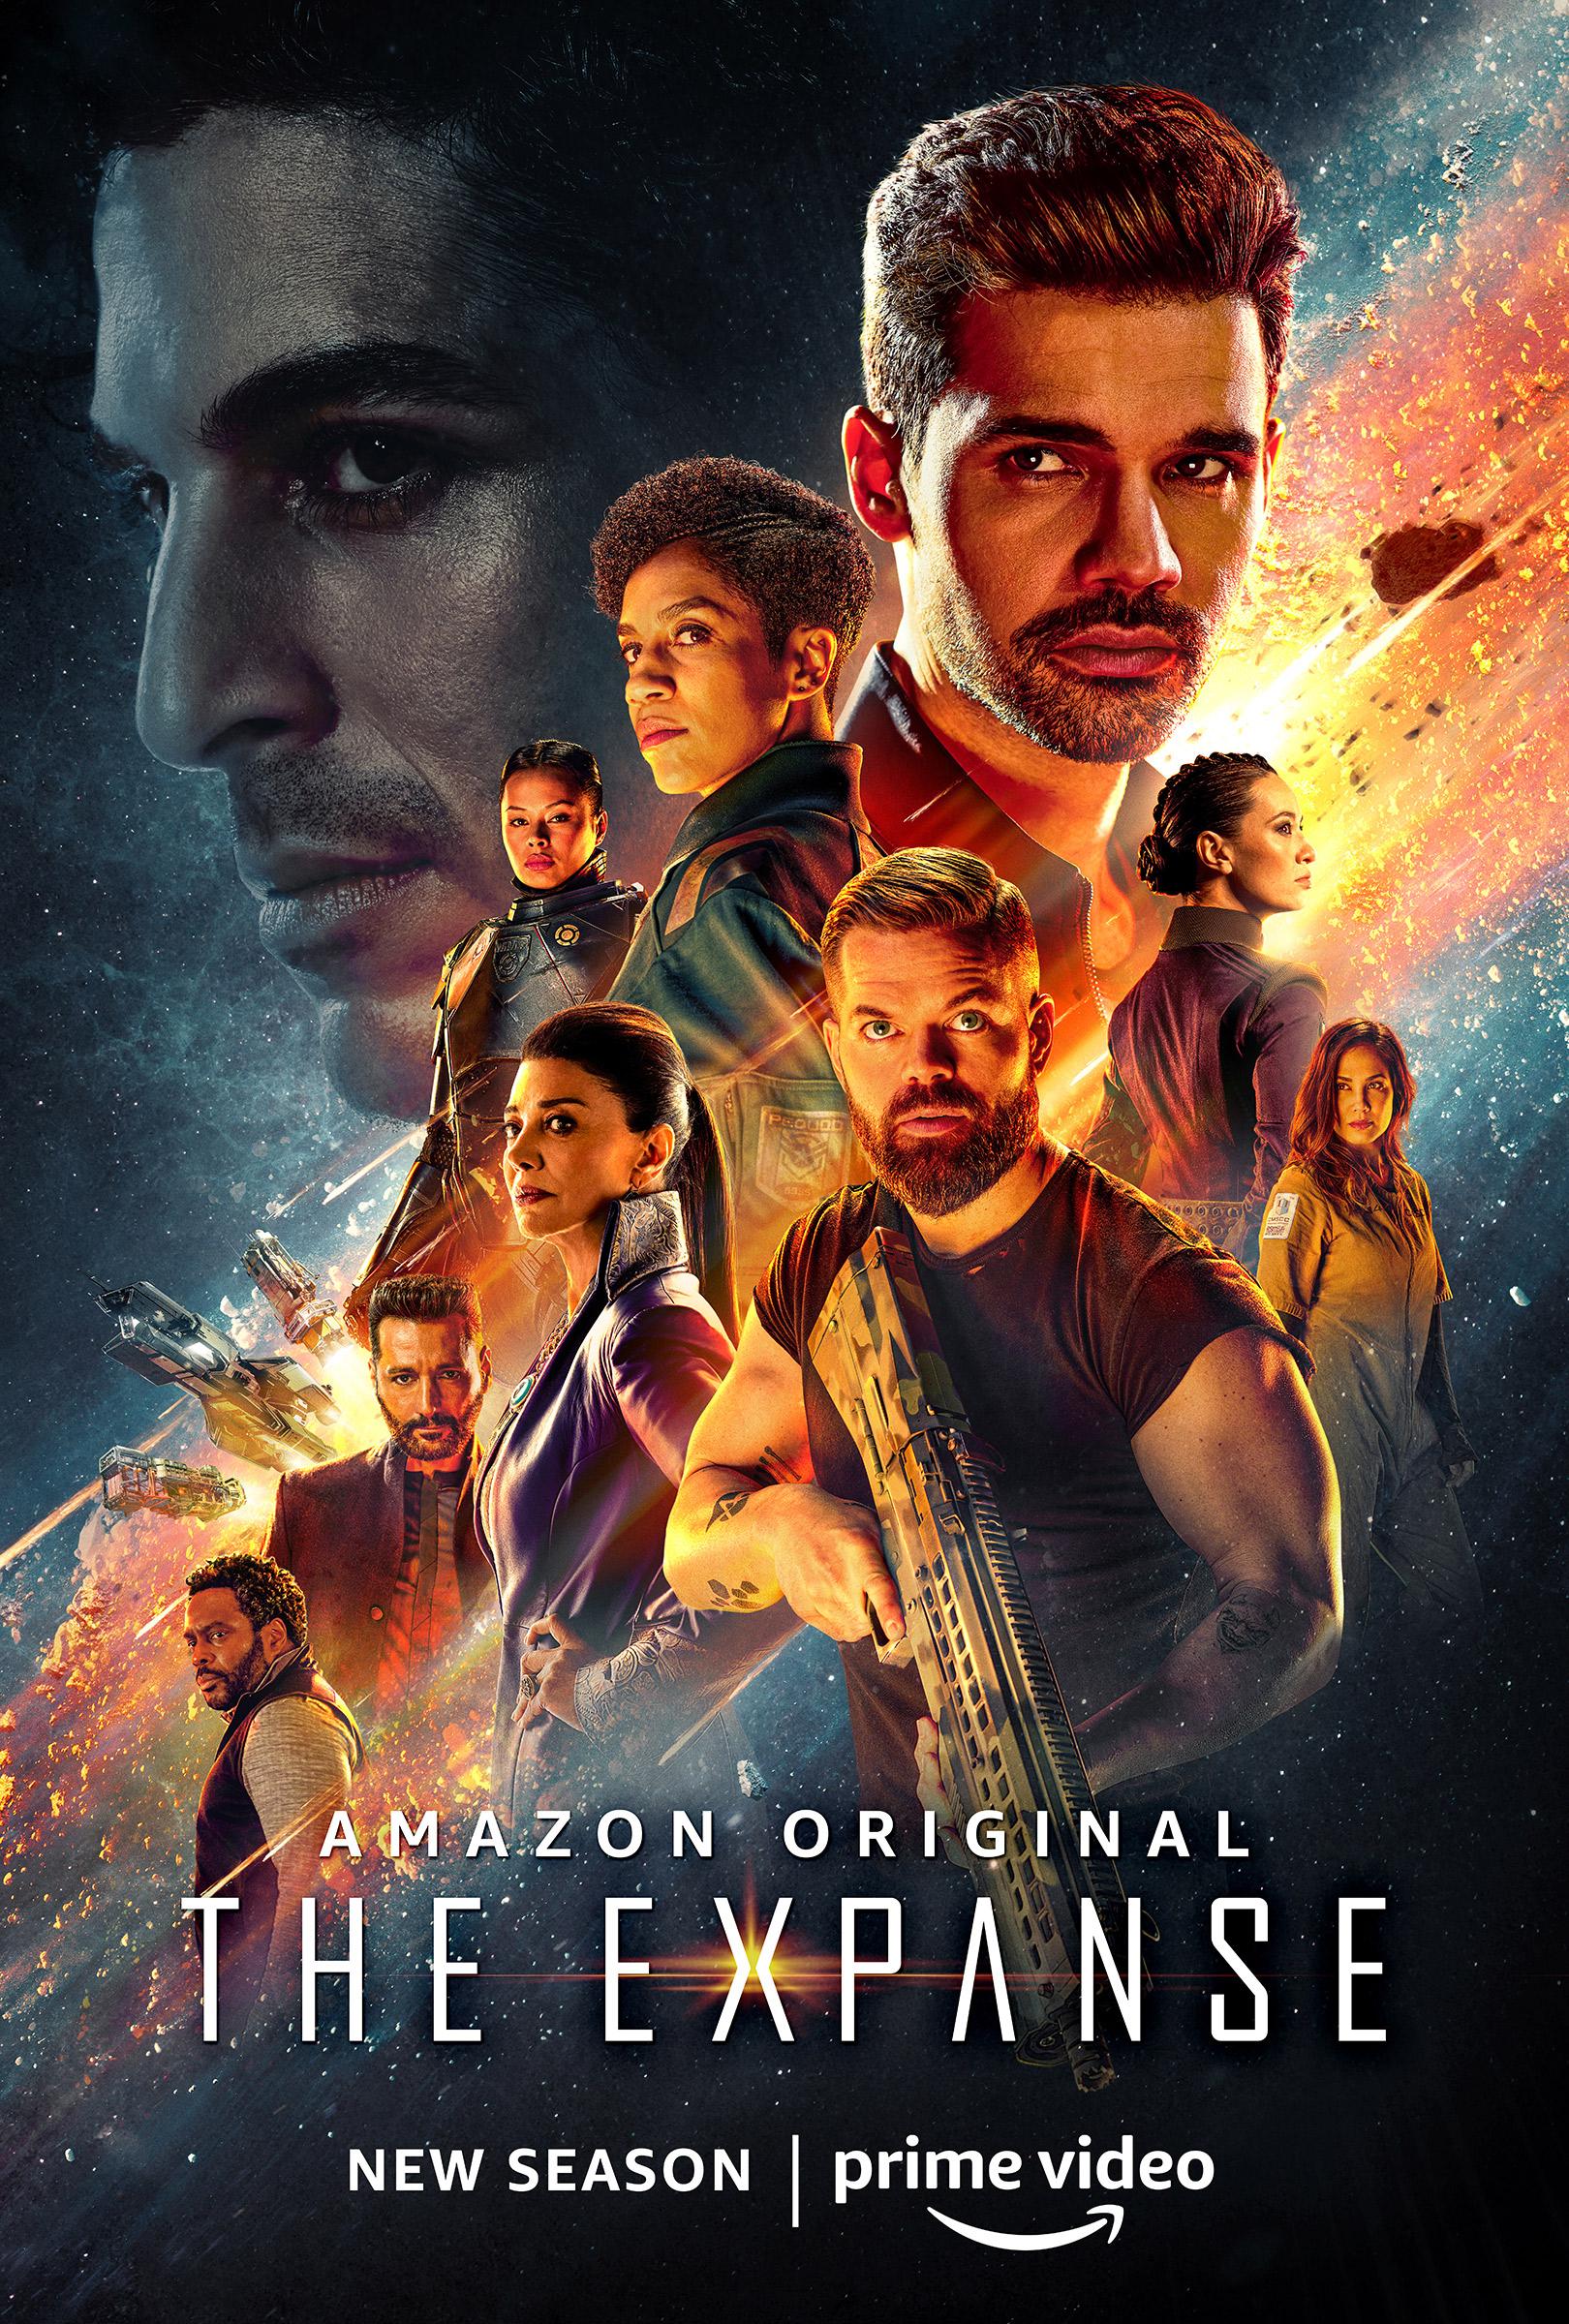 Download Séries The Expanse 6ª Temporada Torrent 2021 Qualidade Hd